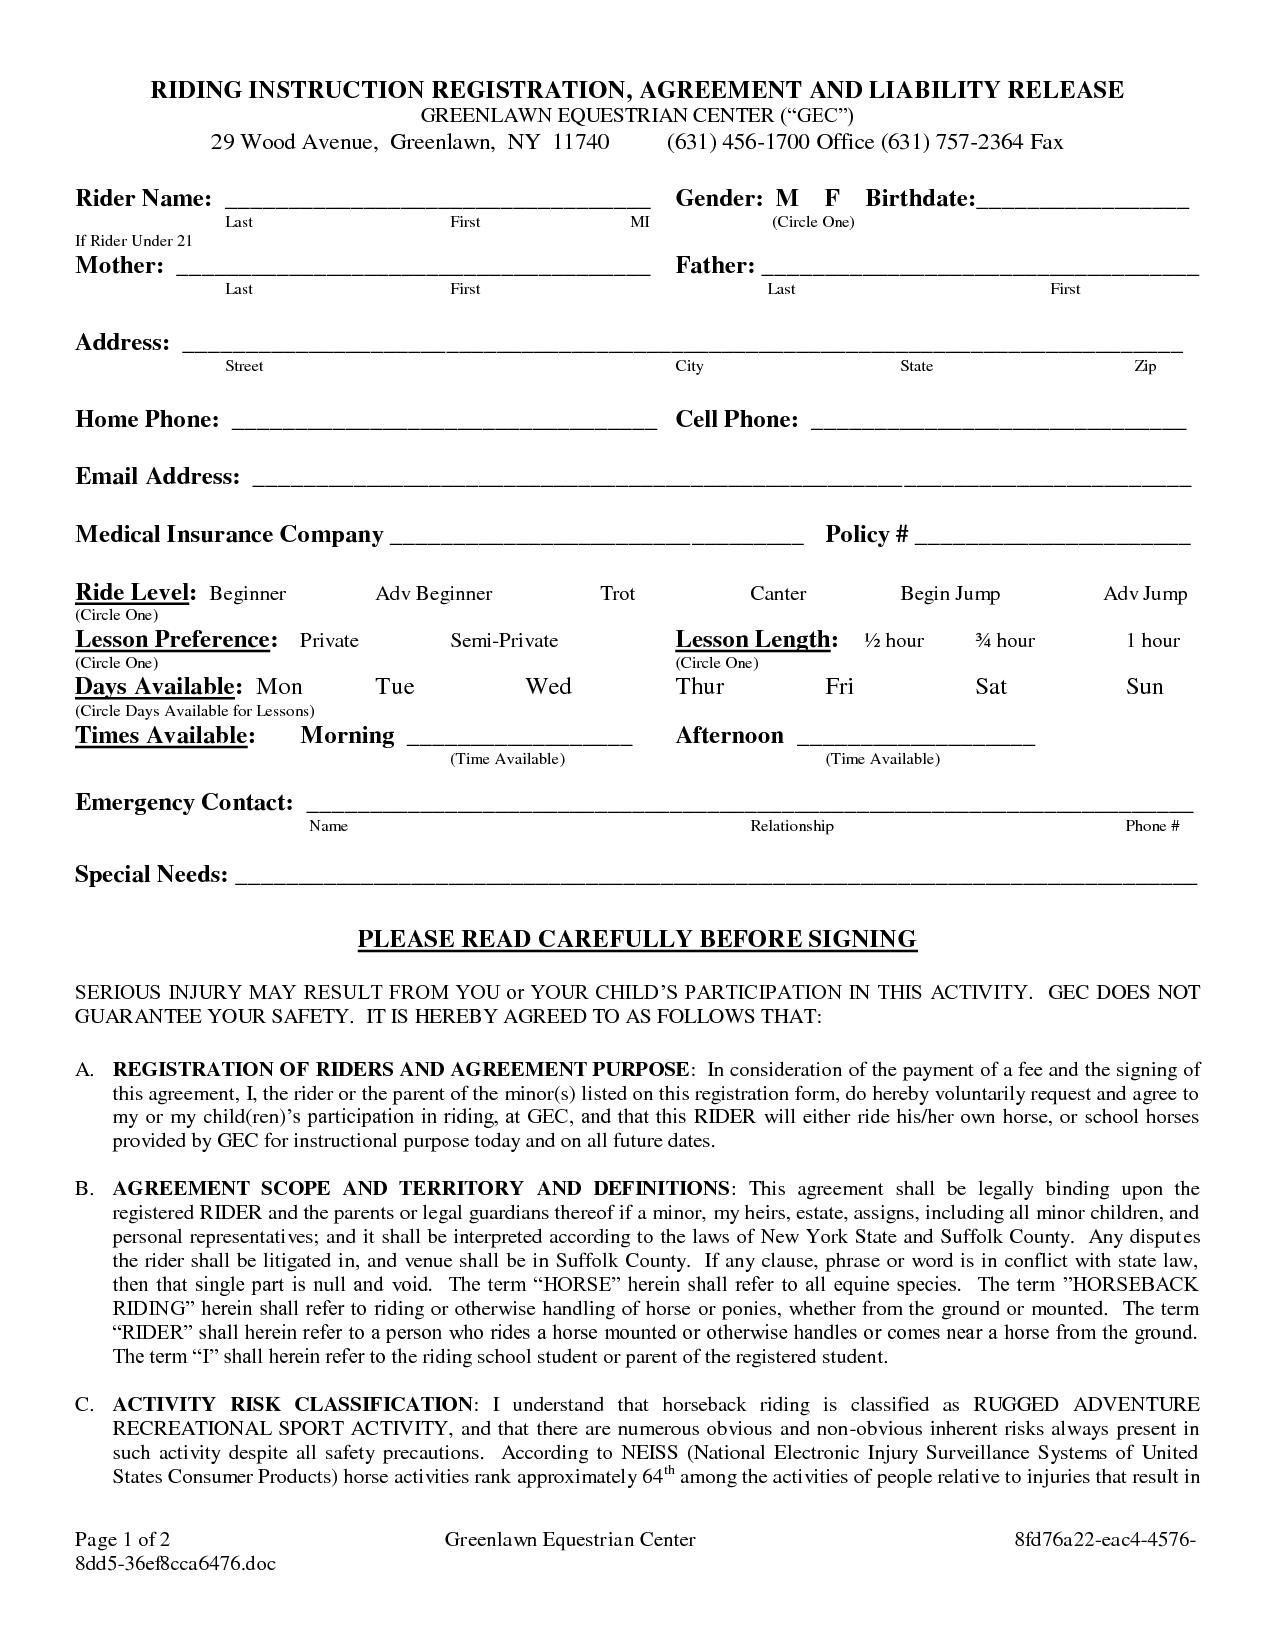 Colorado Equine Liability Release Form